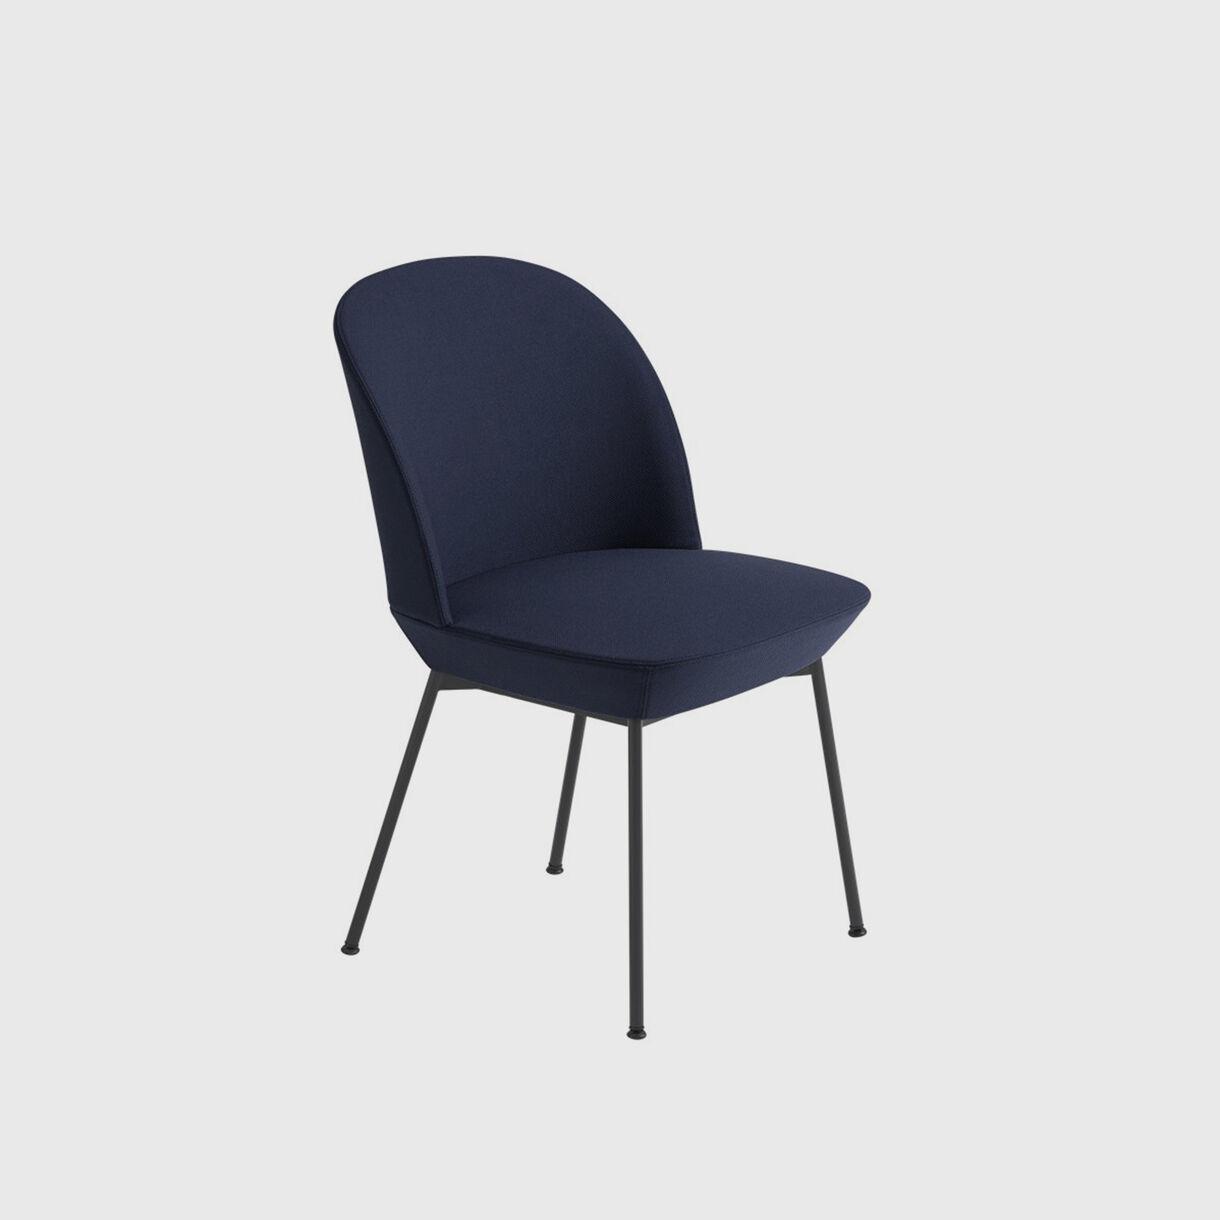 Oslo Side Chair - Steelcut 775 & Black